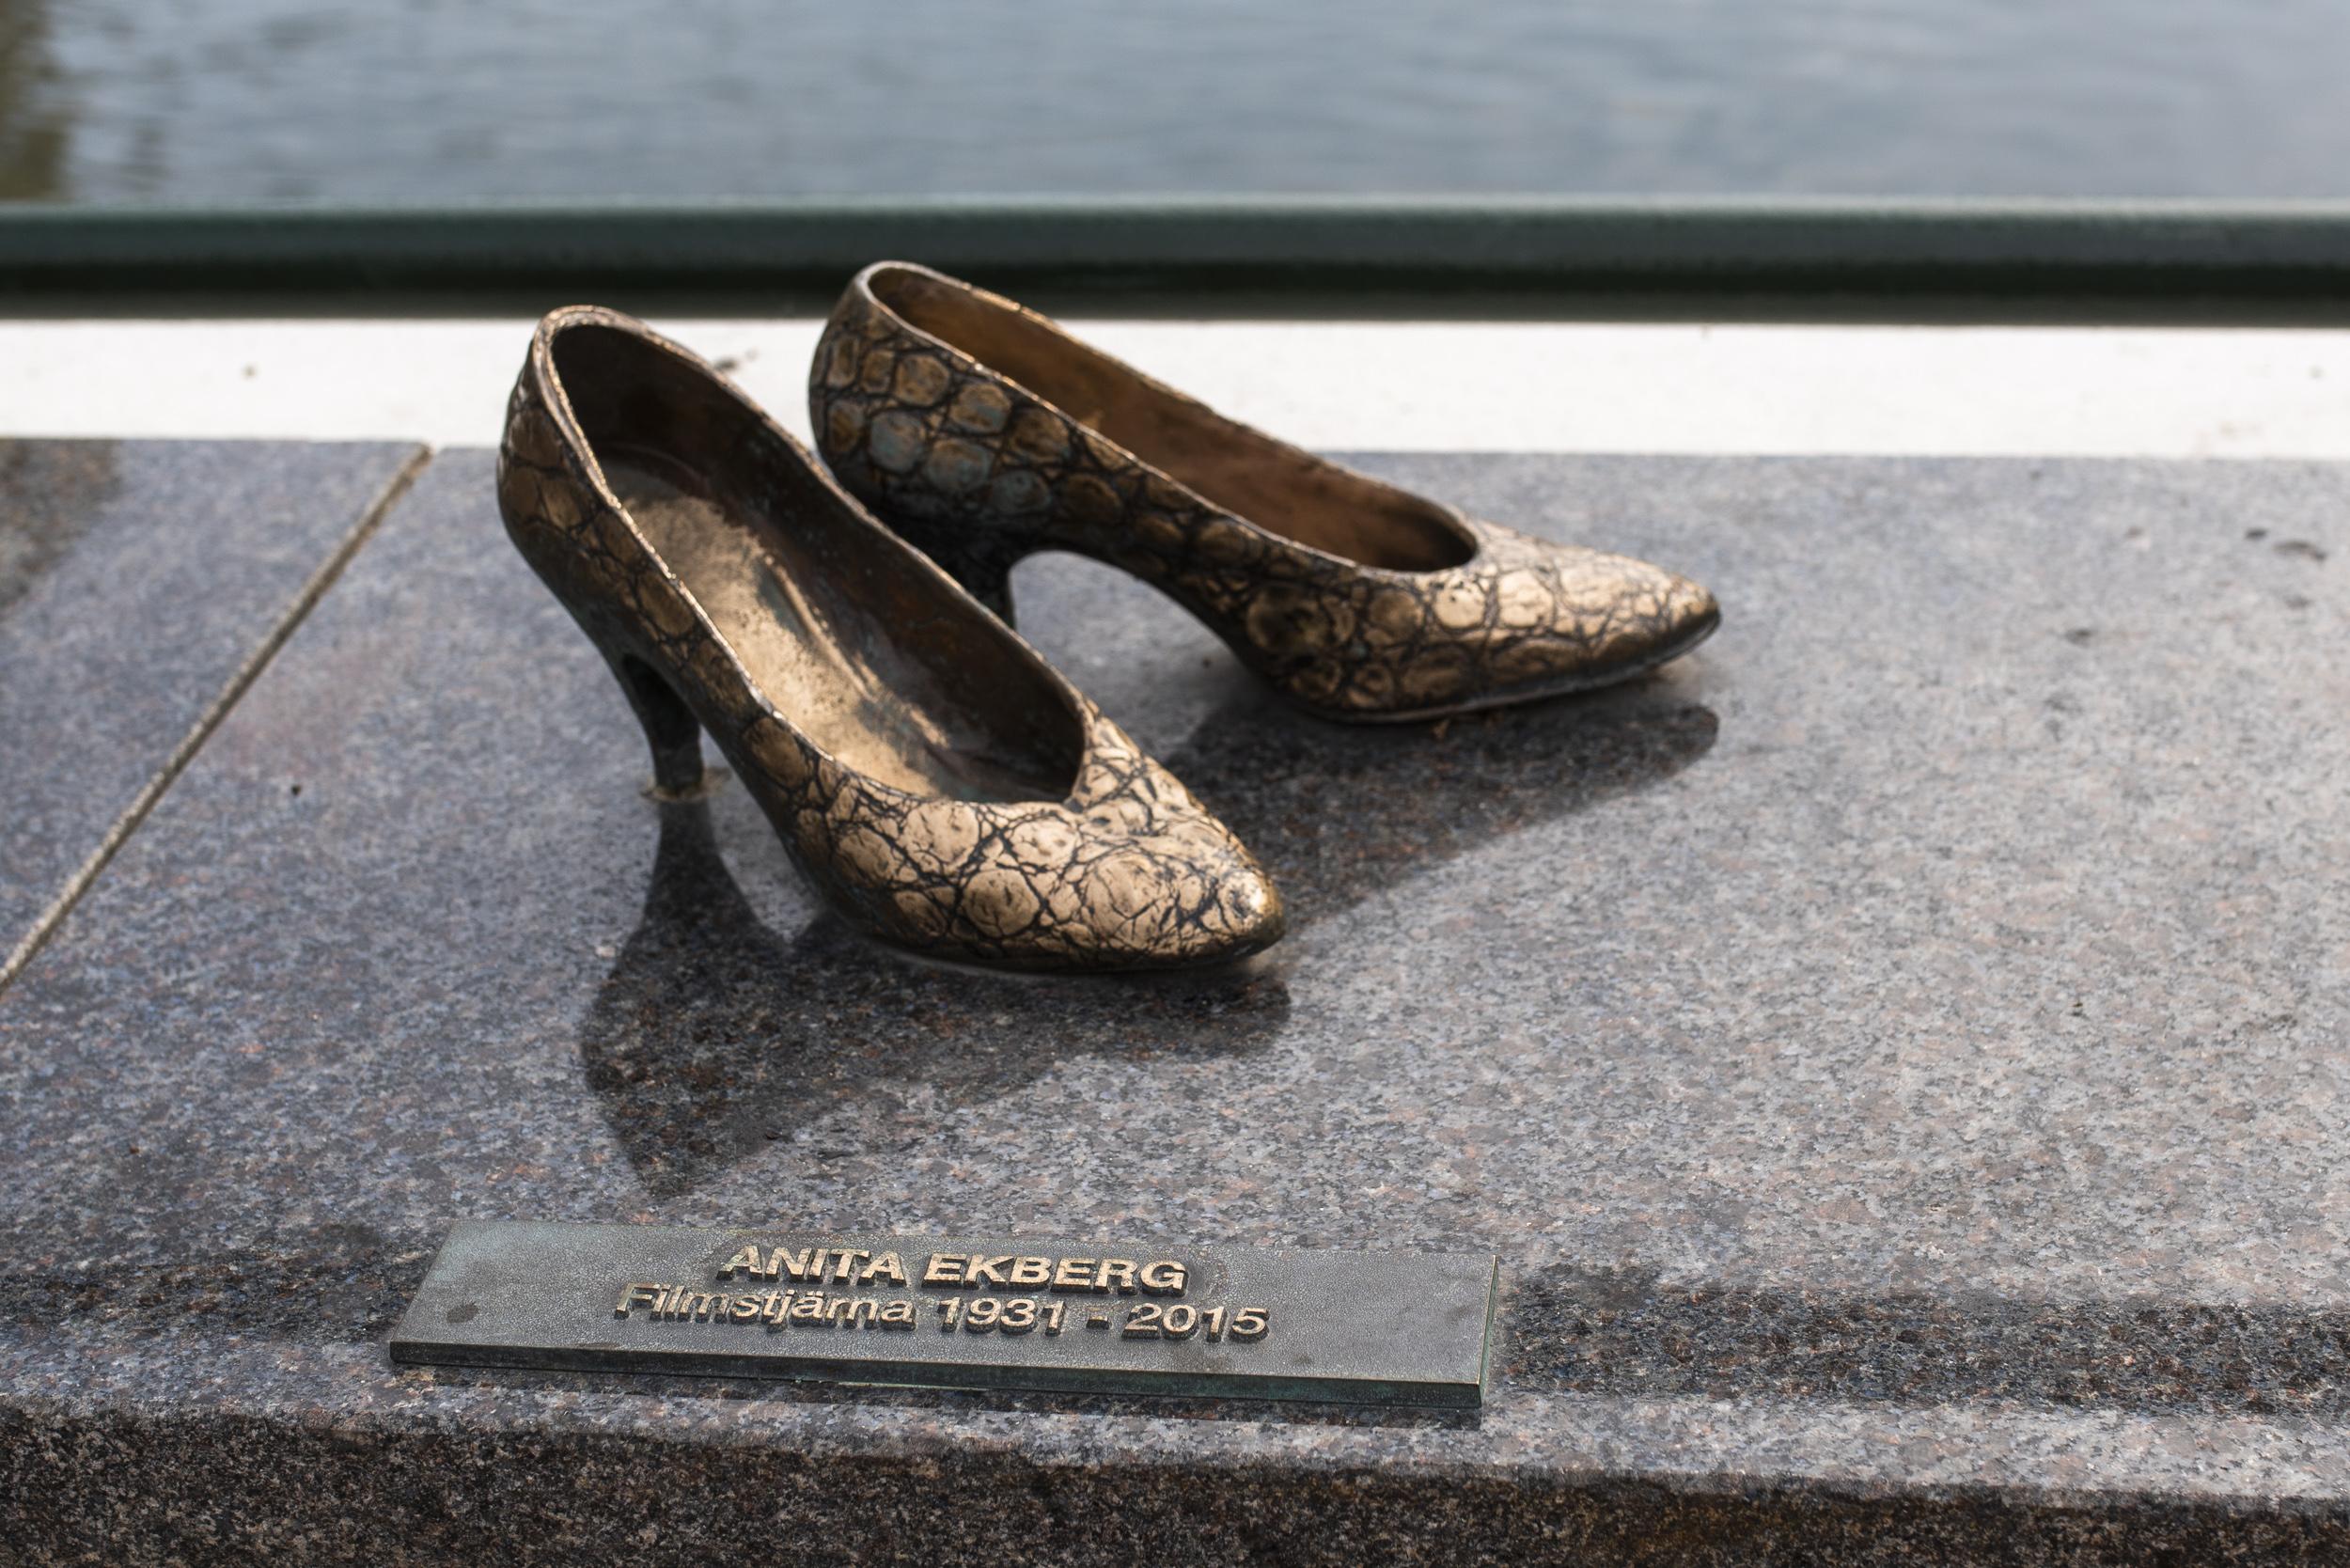 Rolig utsmyckning i Malmö, en massa skor från lokala kändisar, här Anita Ekbergs!